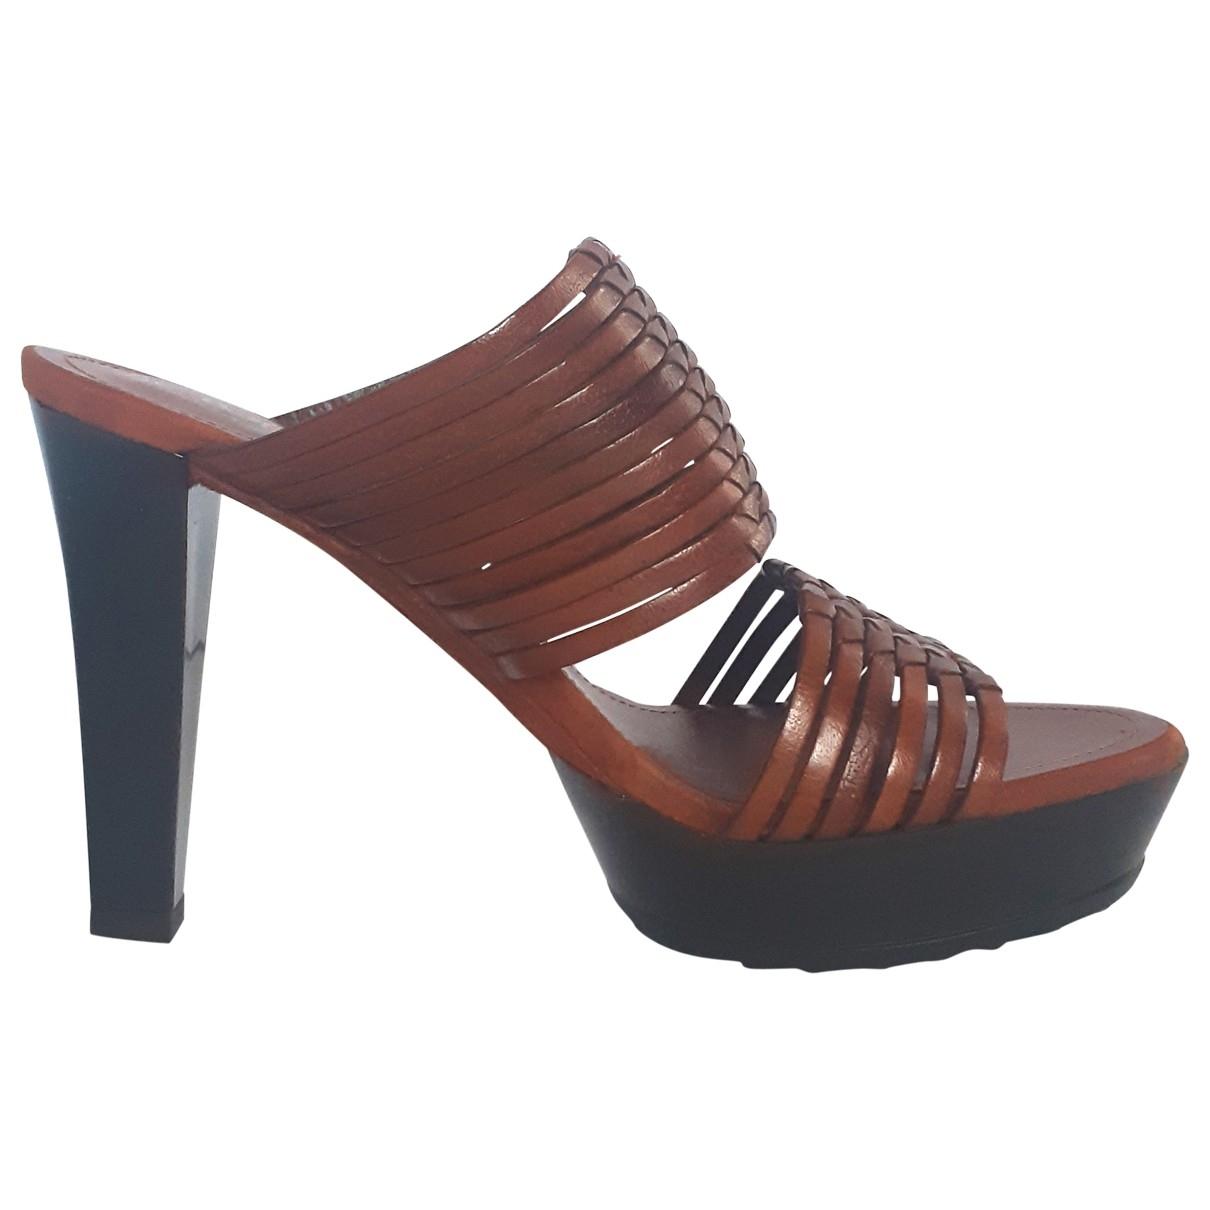 Tods - Sandales   pour femme en cuir - marron